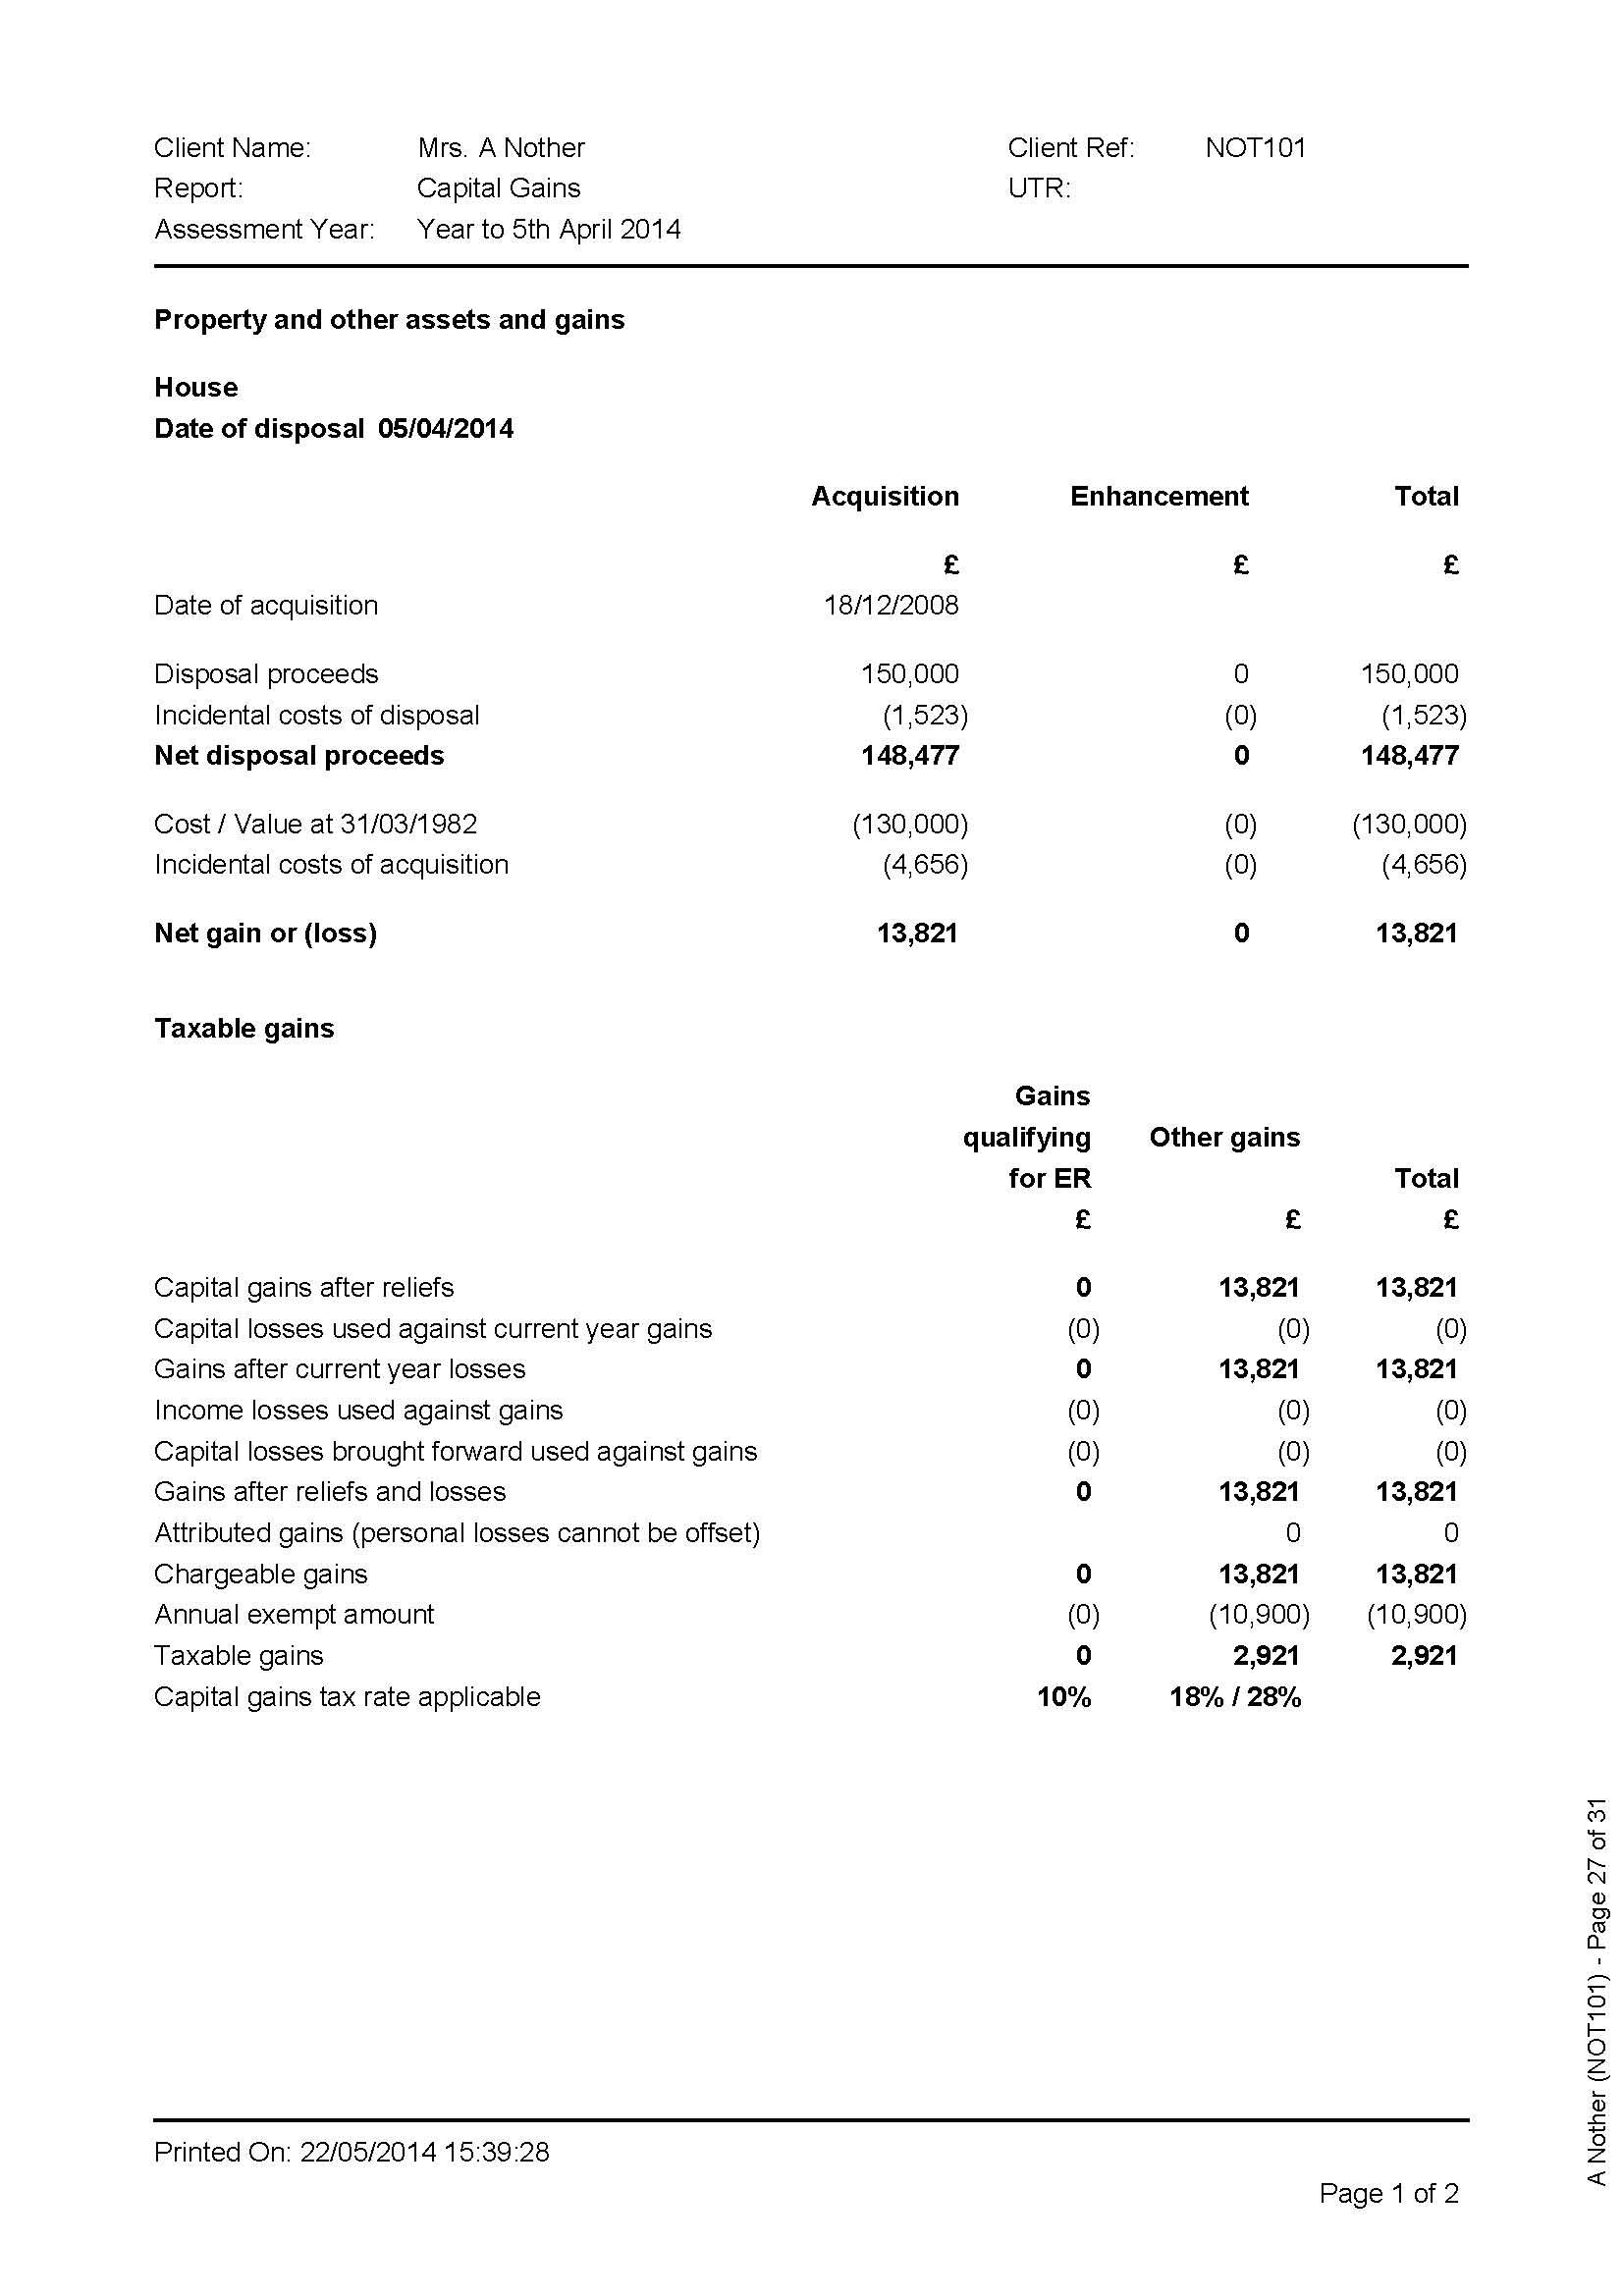 paper copy self assessment tax return Self assessment tax return forms and helpsheets for the current tax year.